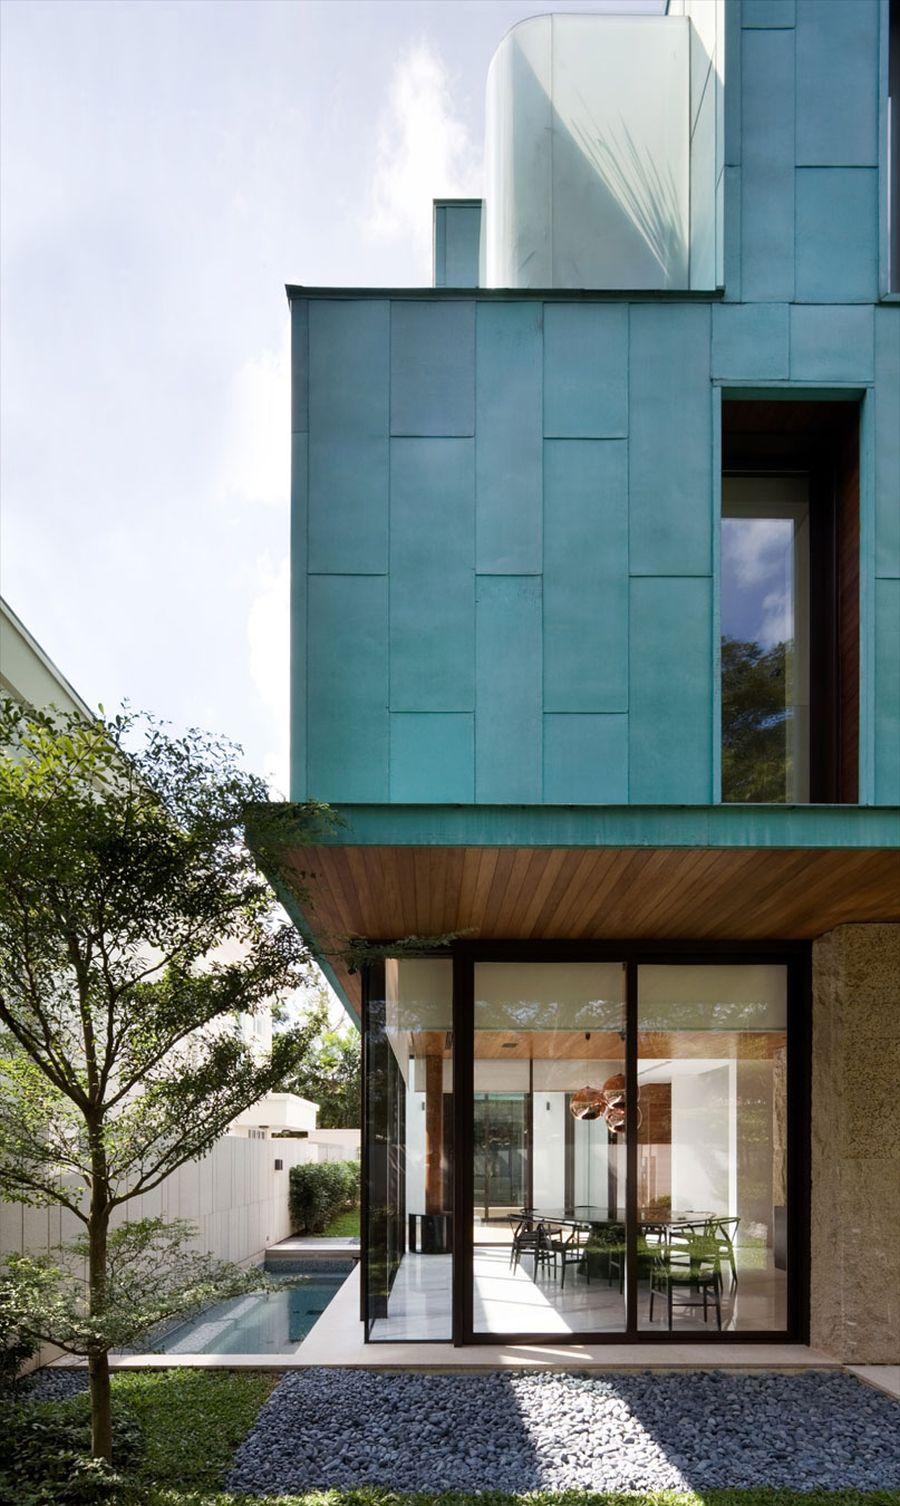 Metallic Exterior Meets Modern Interiors At Singapores